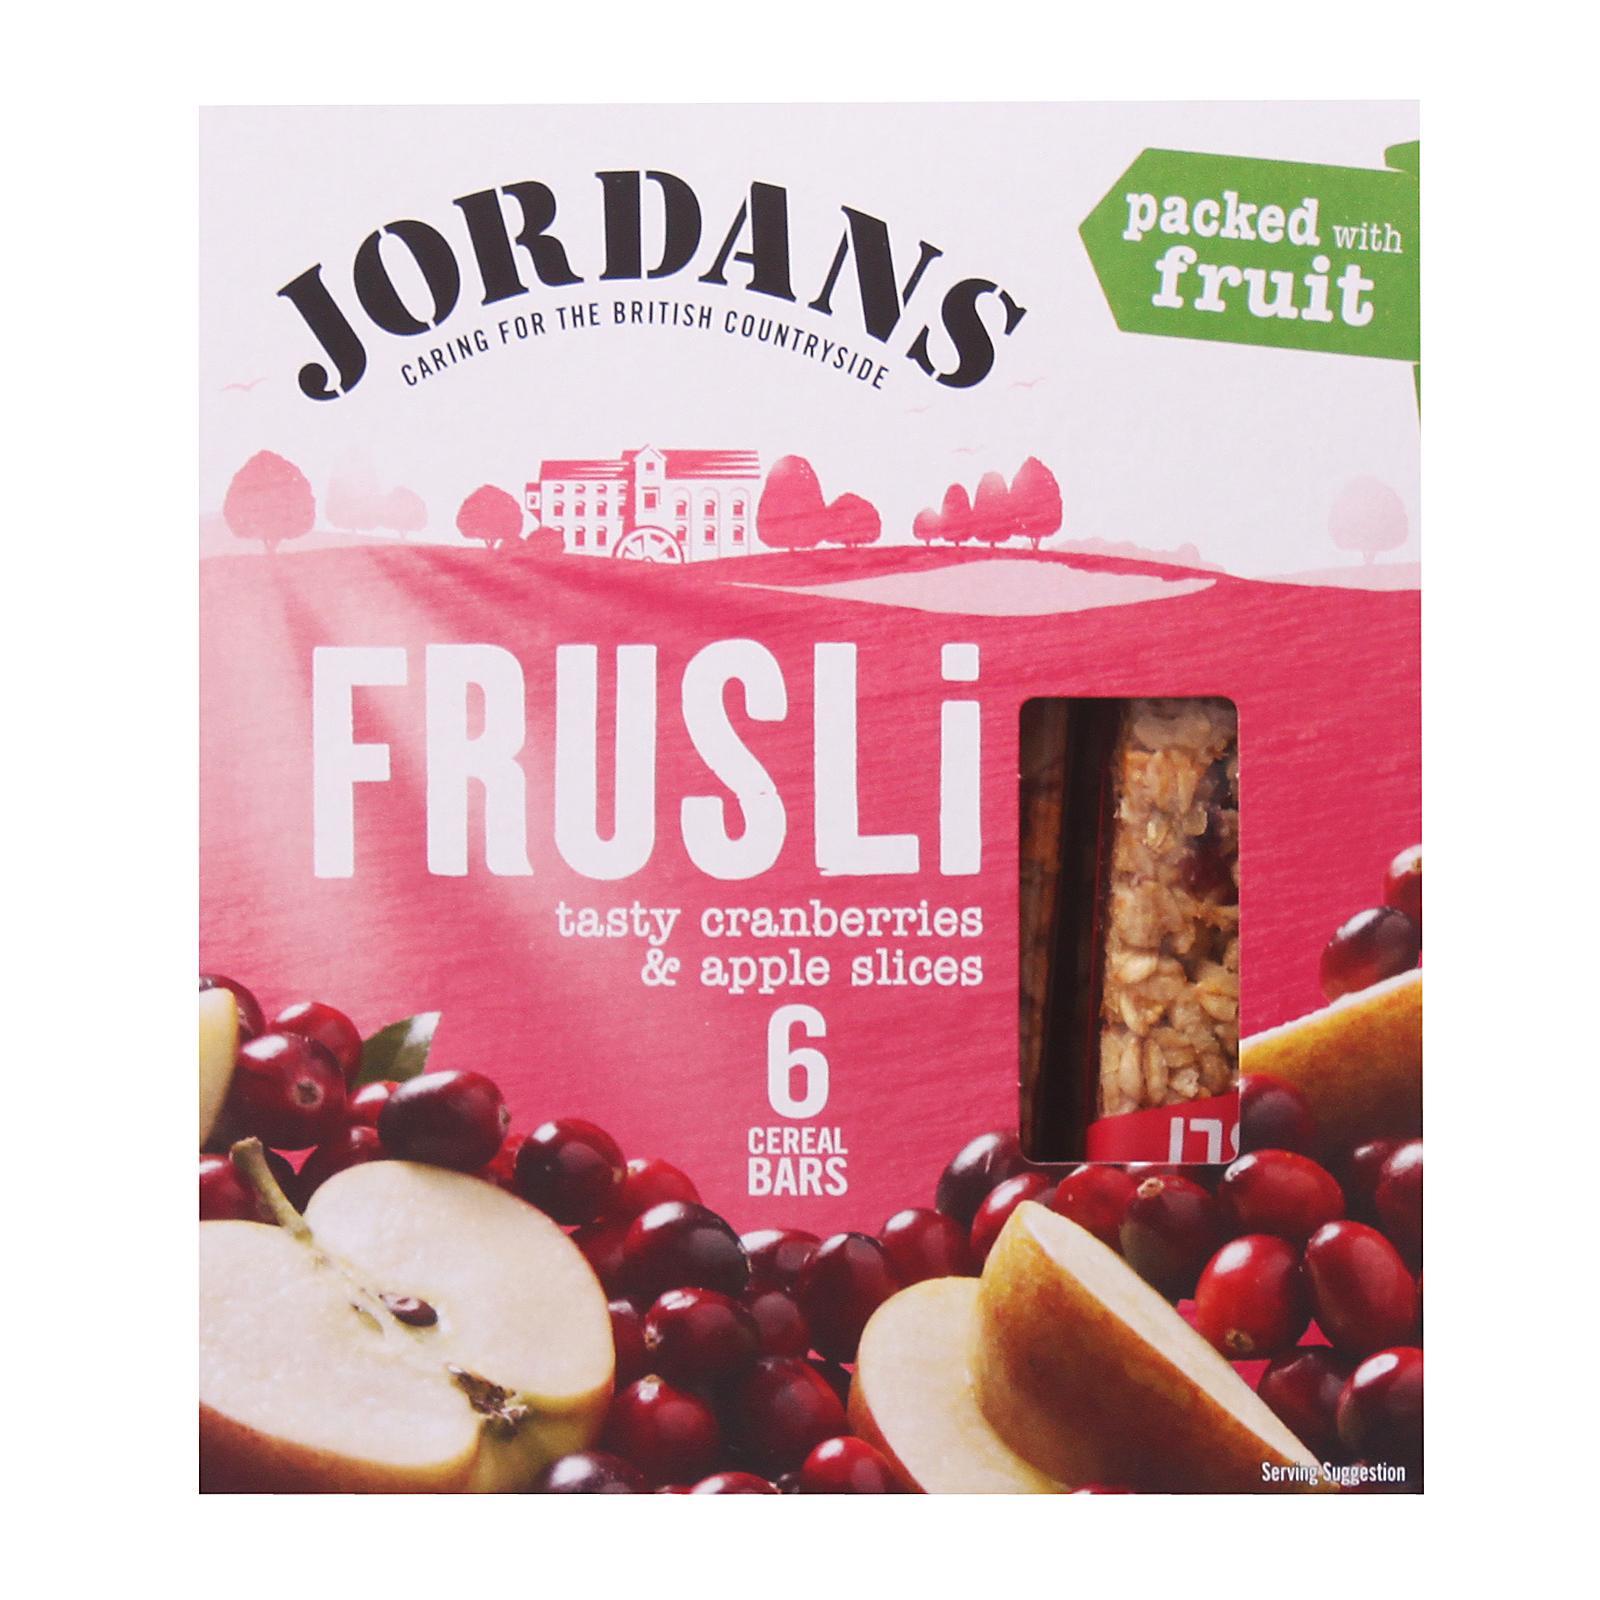 Jordans Frusli Tasty Cranberries and Apple Slices Cereal Bars